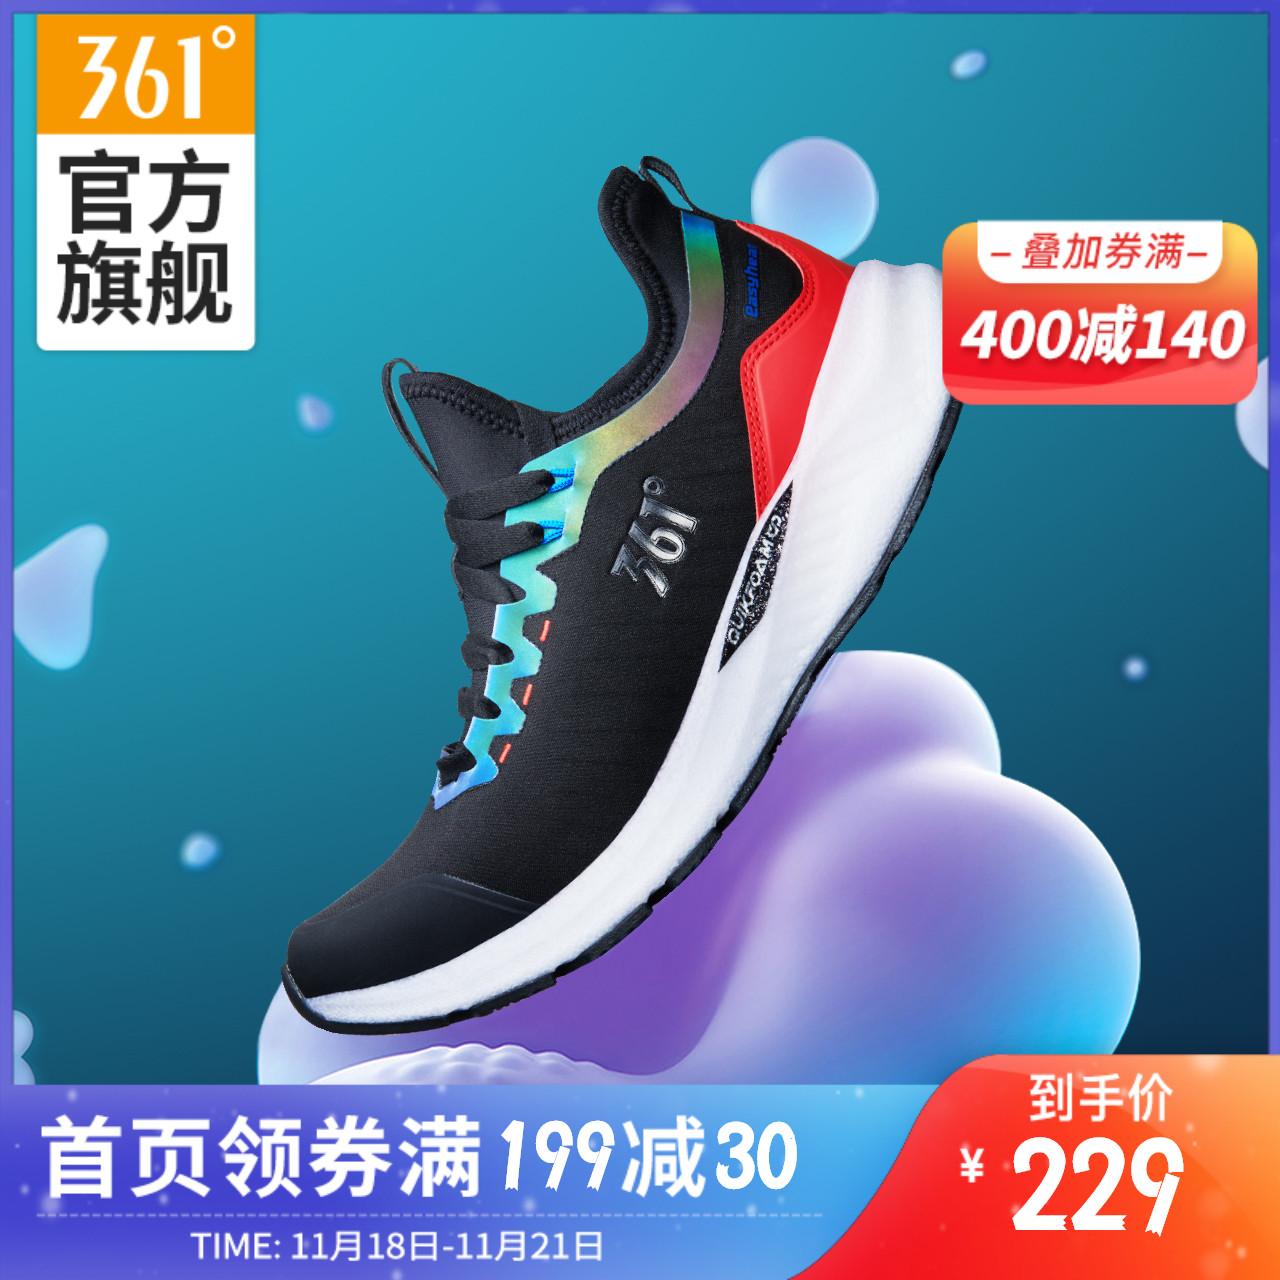 【Q弹超!】361男鞋运动鞋2019冬季跑鞋361度雨屏防泼水跑步鞋男